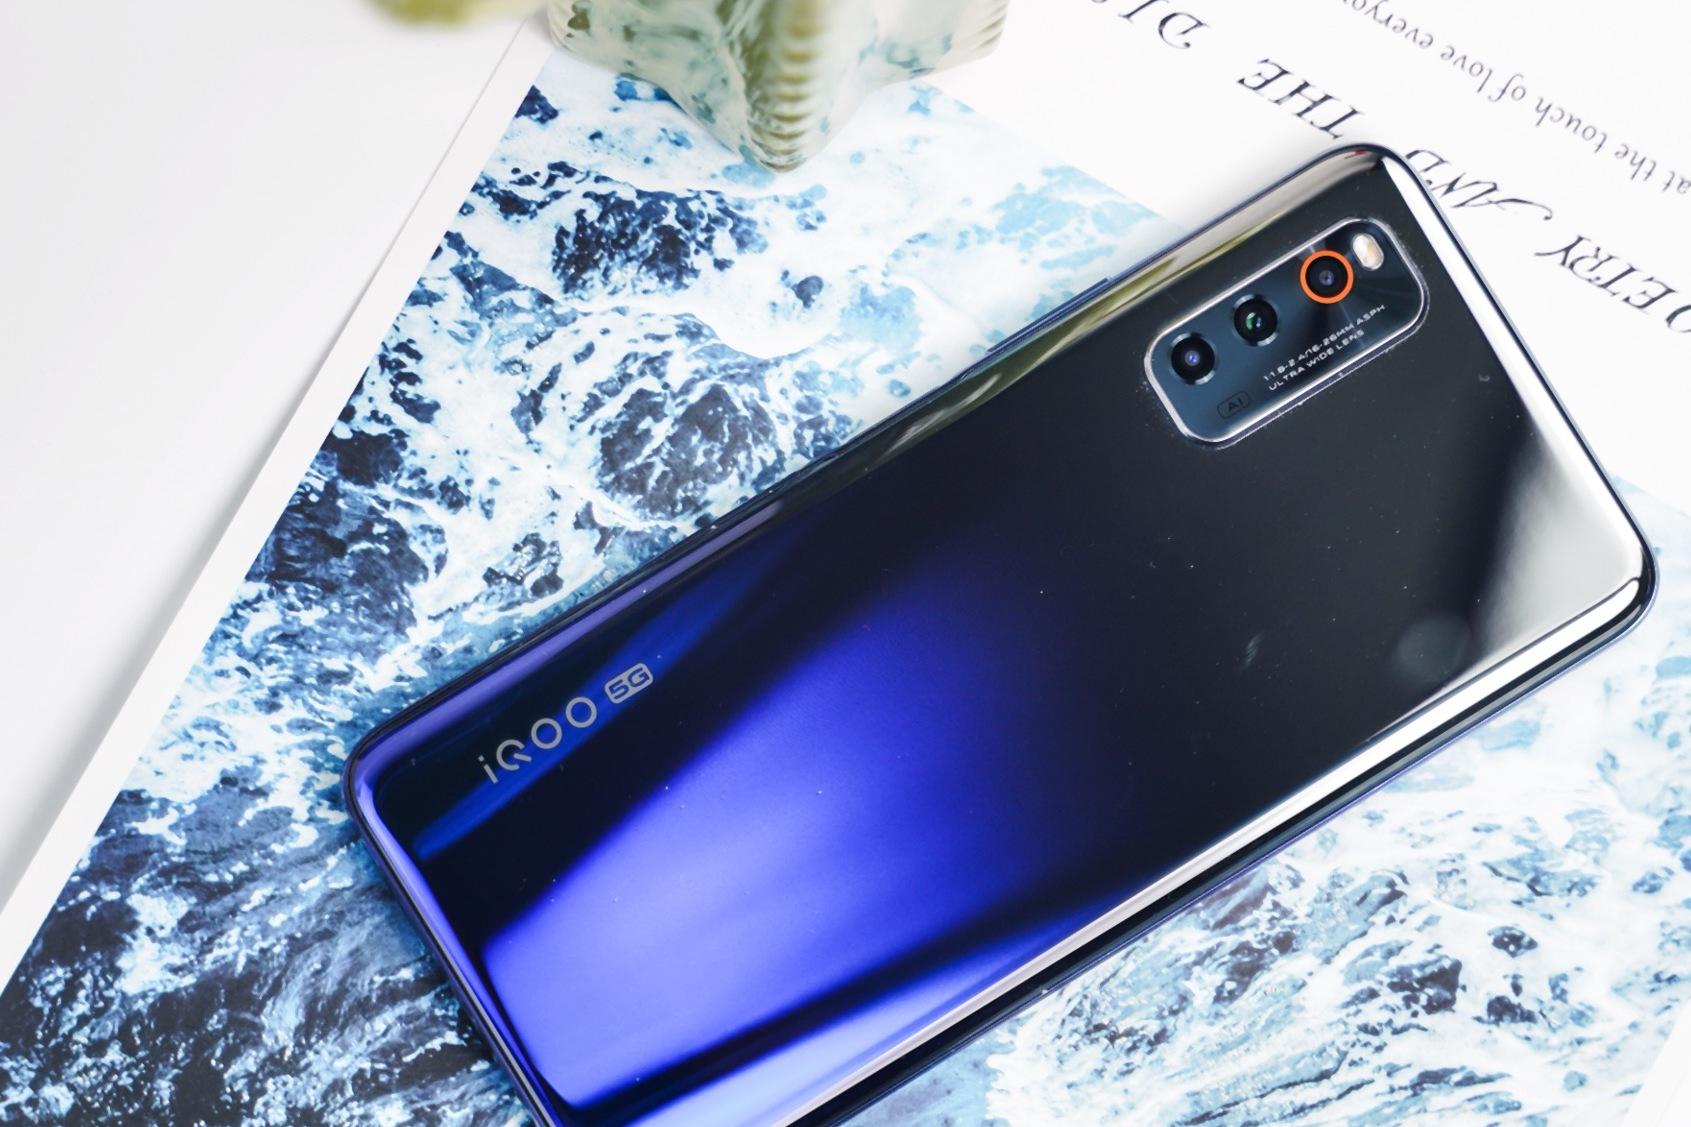 可以闭着眼睛买的旗舰手机:iQOO Neo3